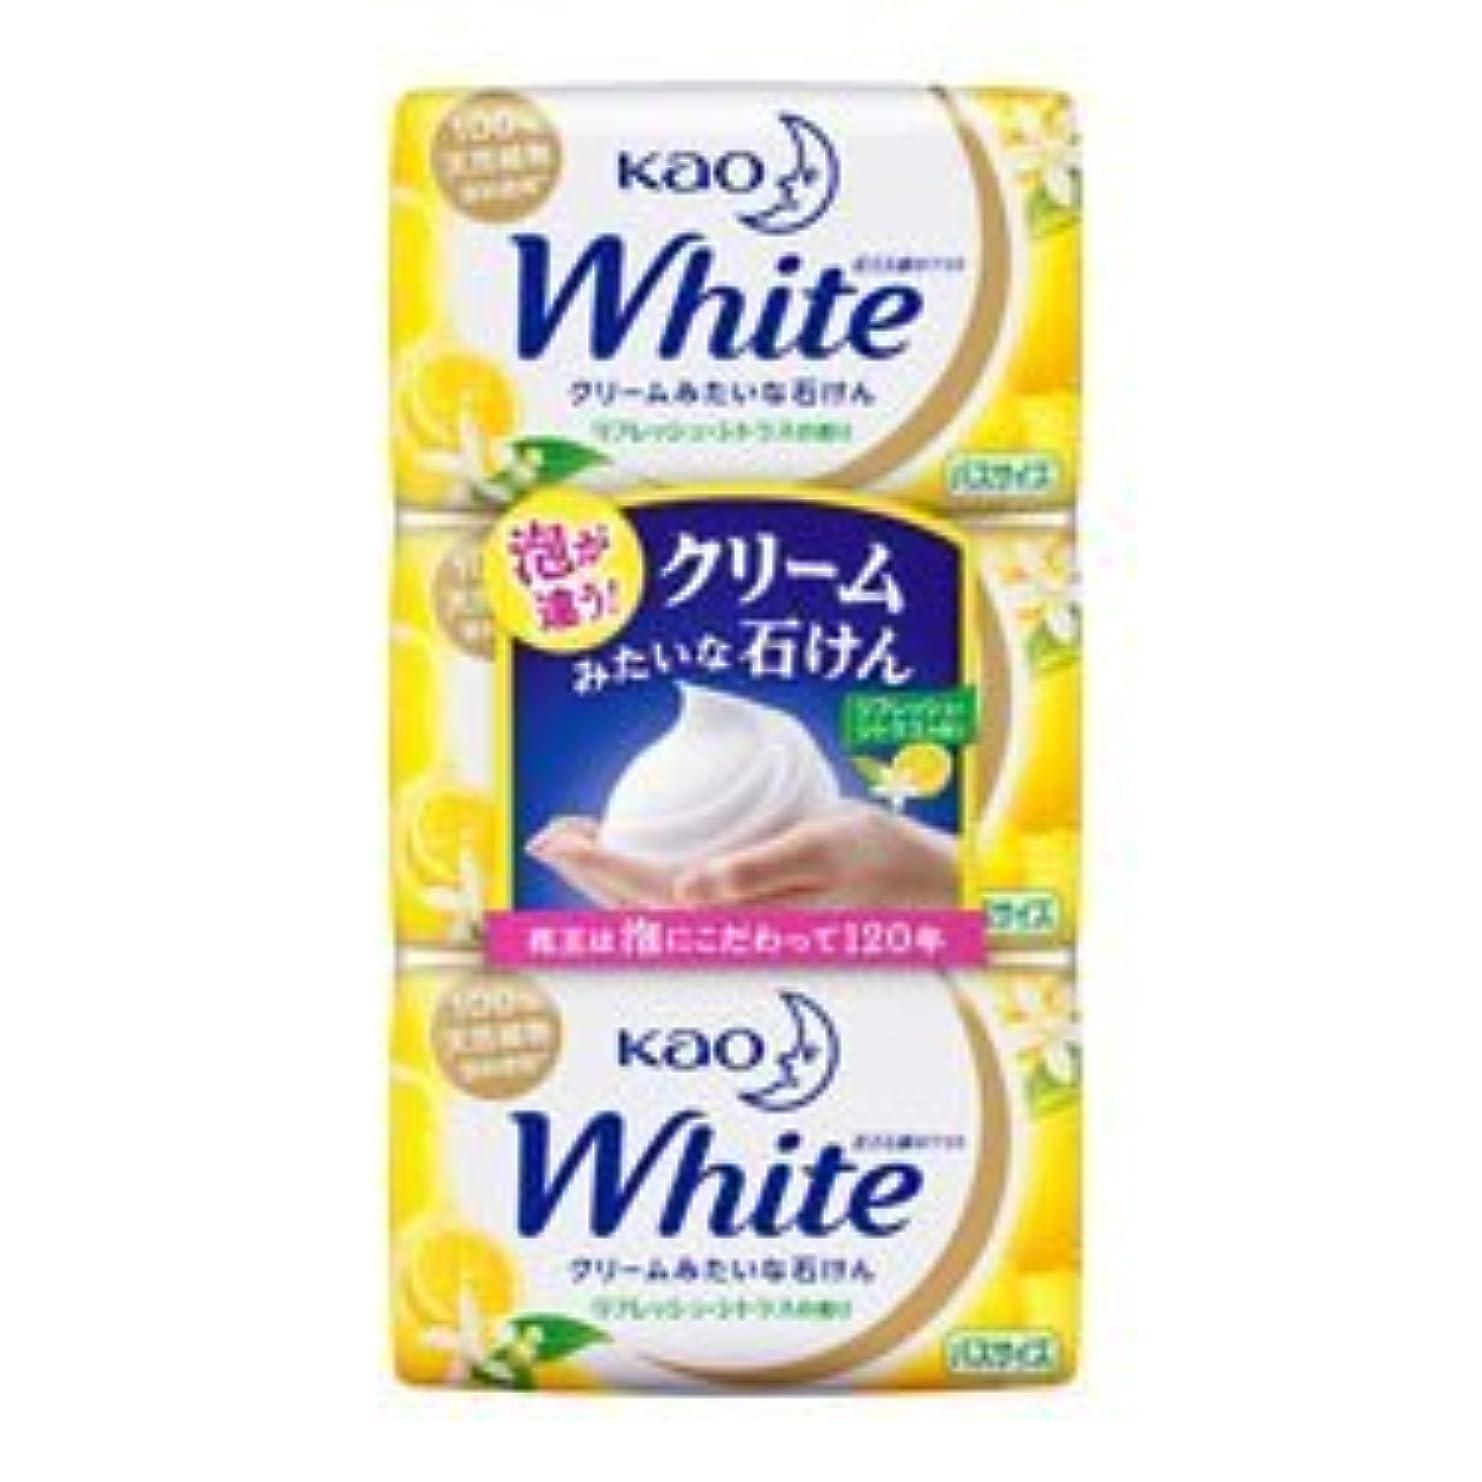 ブルーム文建築【花王】ホワイト リフレッシュ?シトラスの香り バスサイズ 130g×3個入 ×3個セット